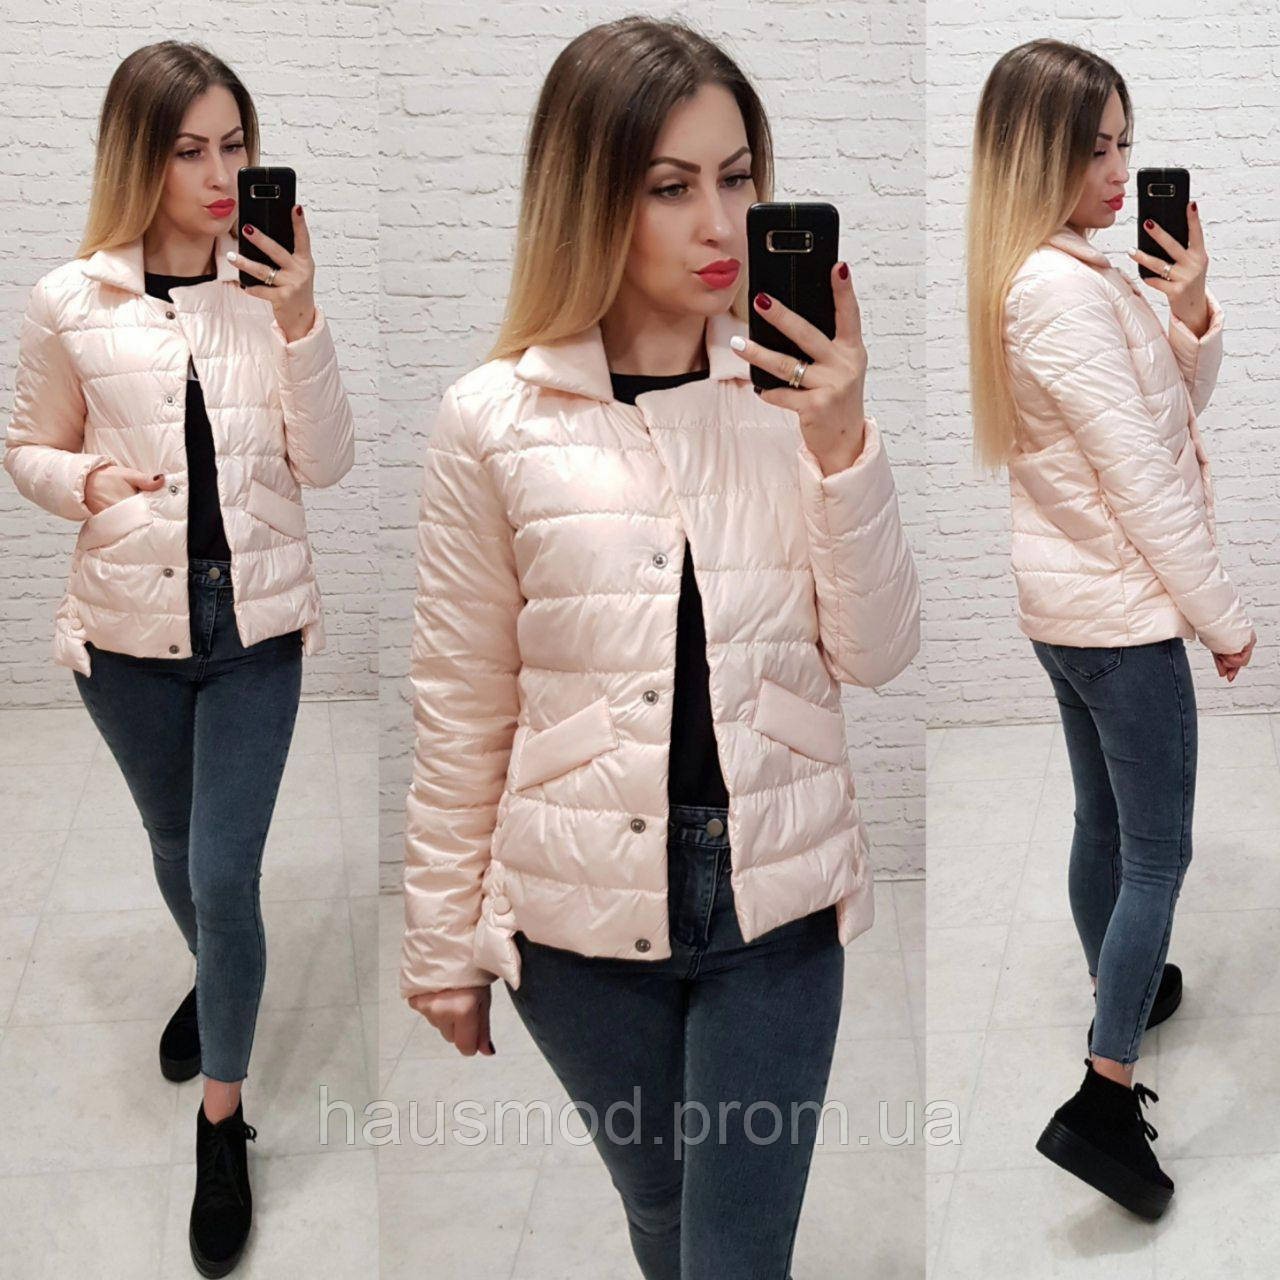 Женская куртка весна на кнопках ткань плащевка на синтепоне цвет бежевый